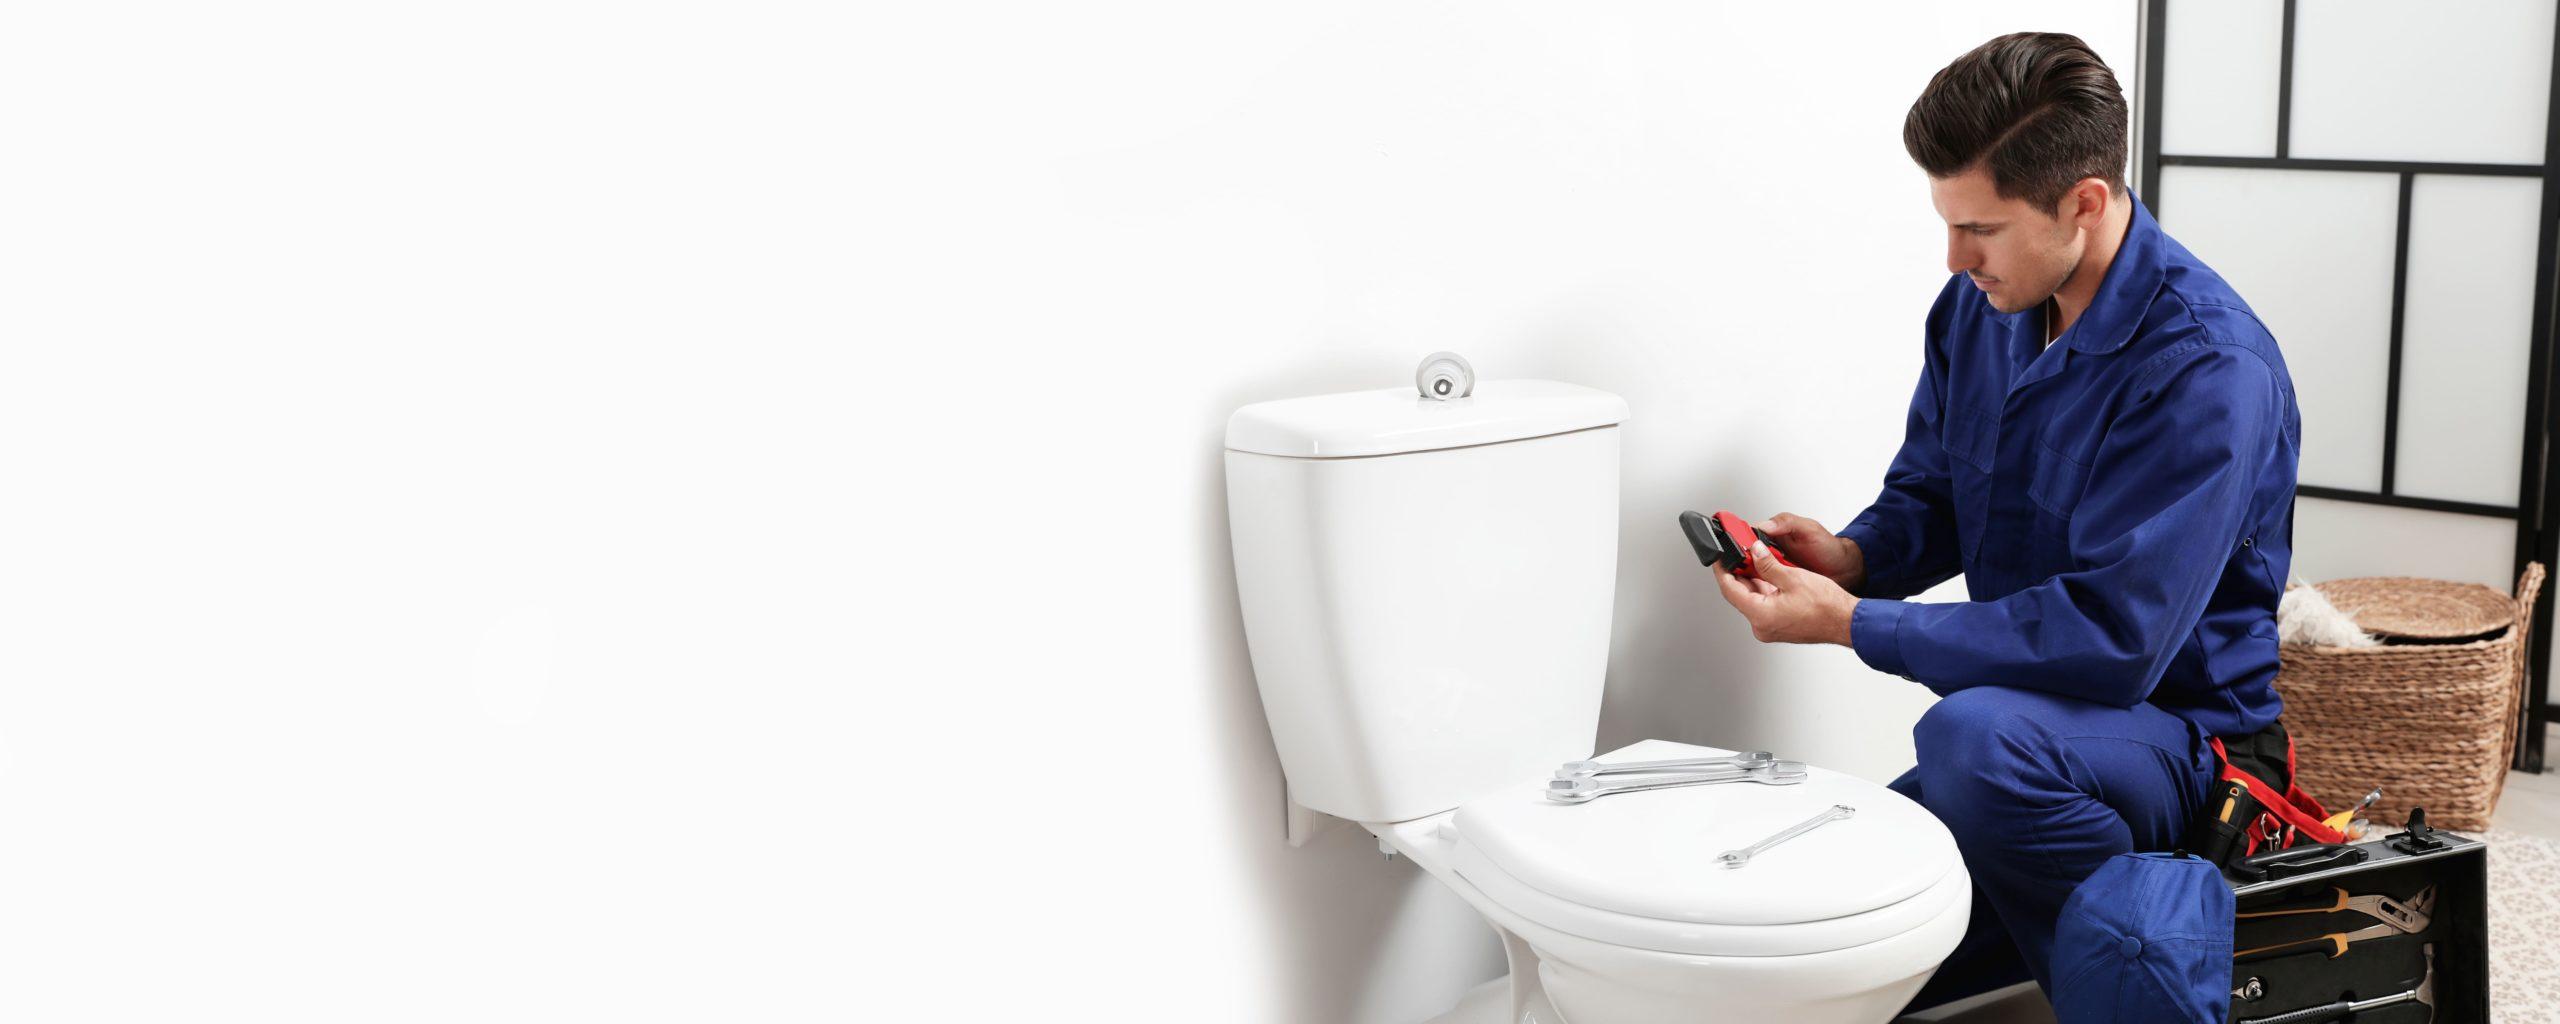 Dépannage et installation WC